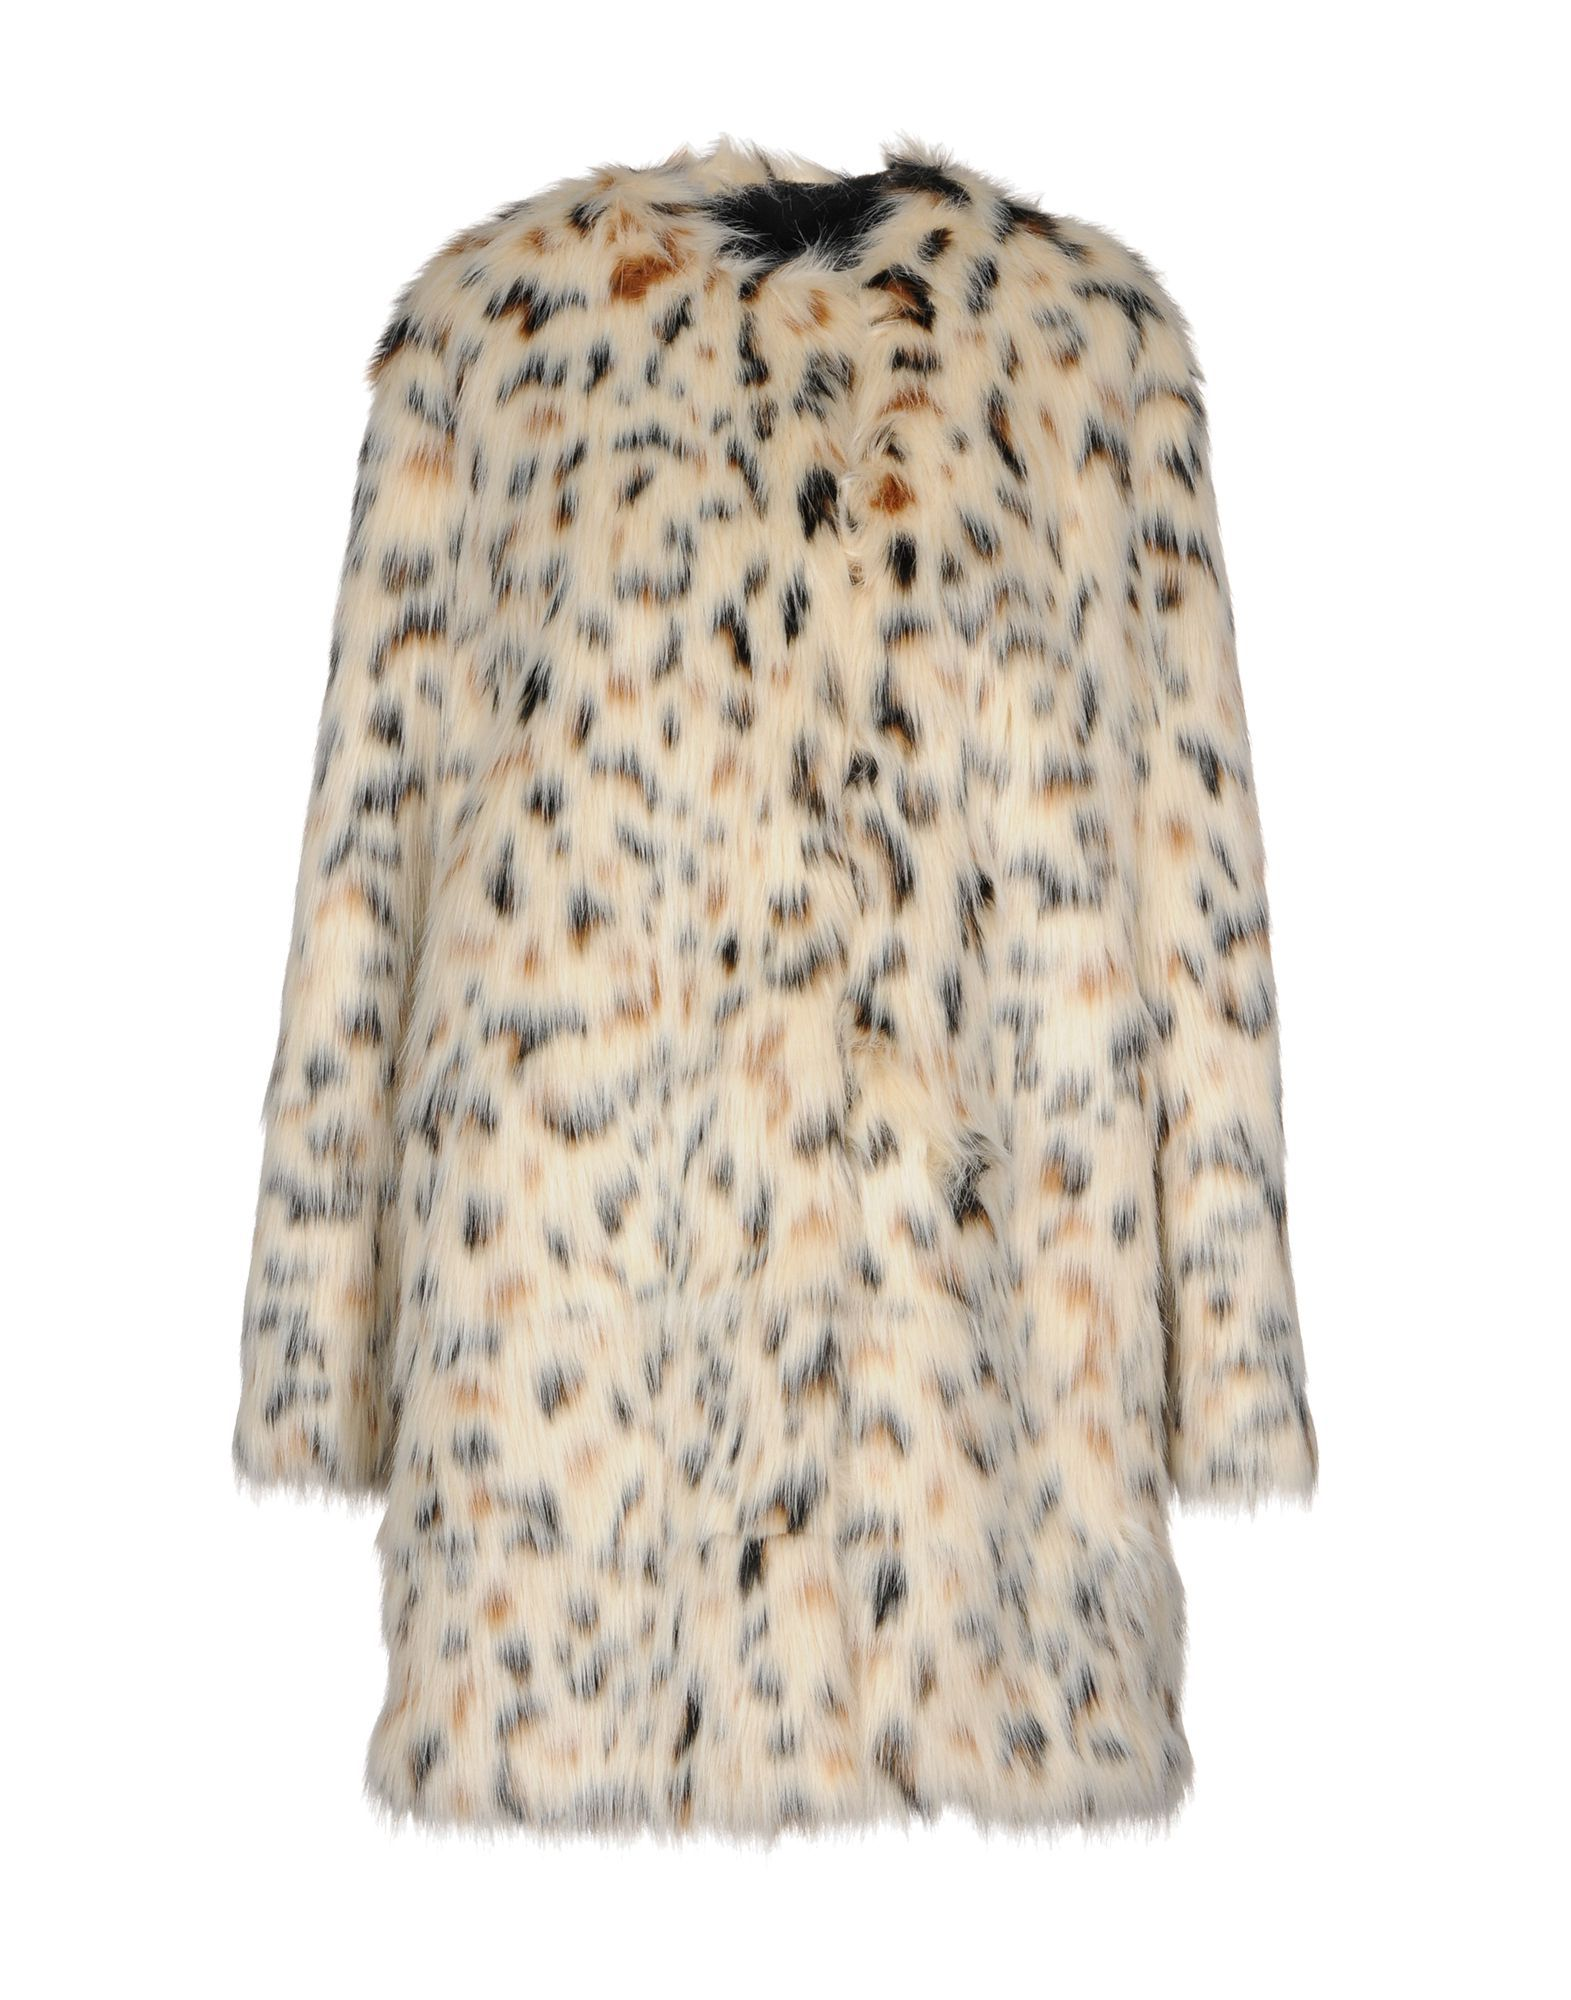 MSGM Beige Print Faux Fur Jacket